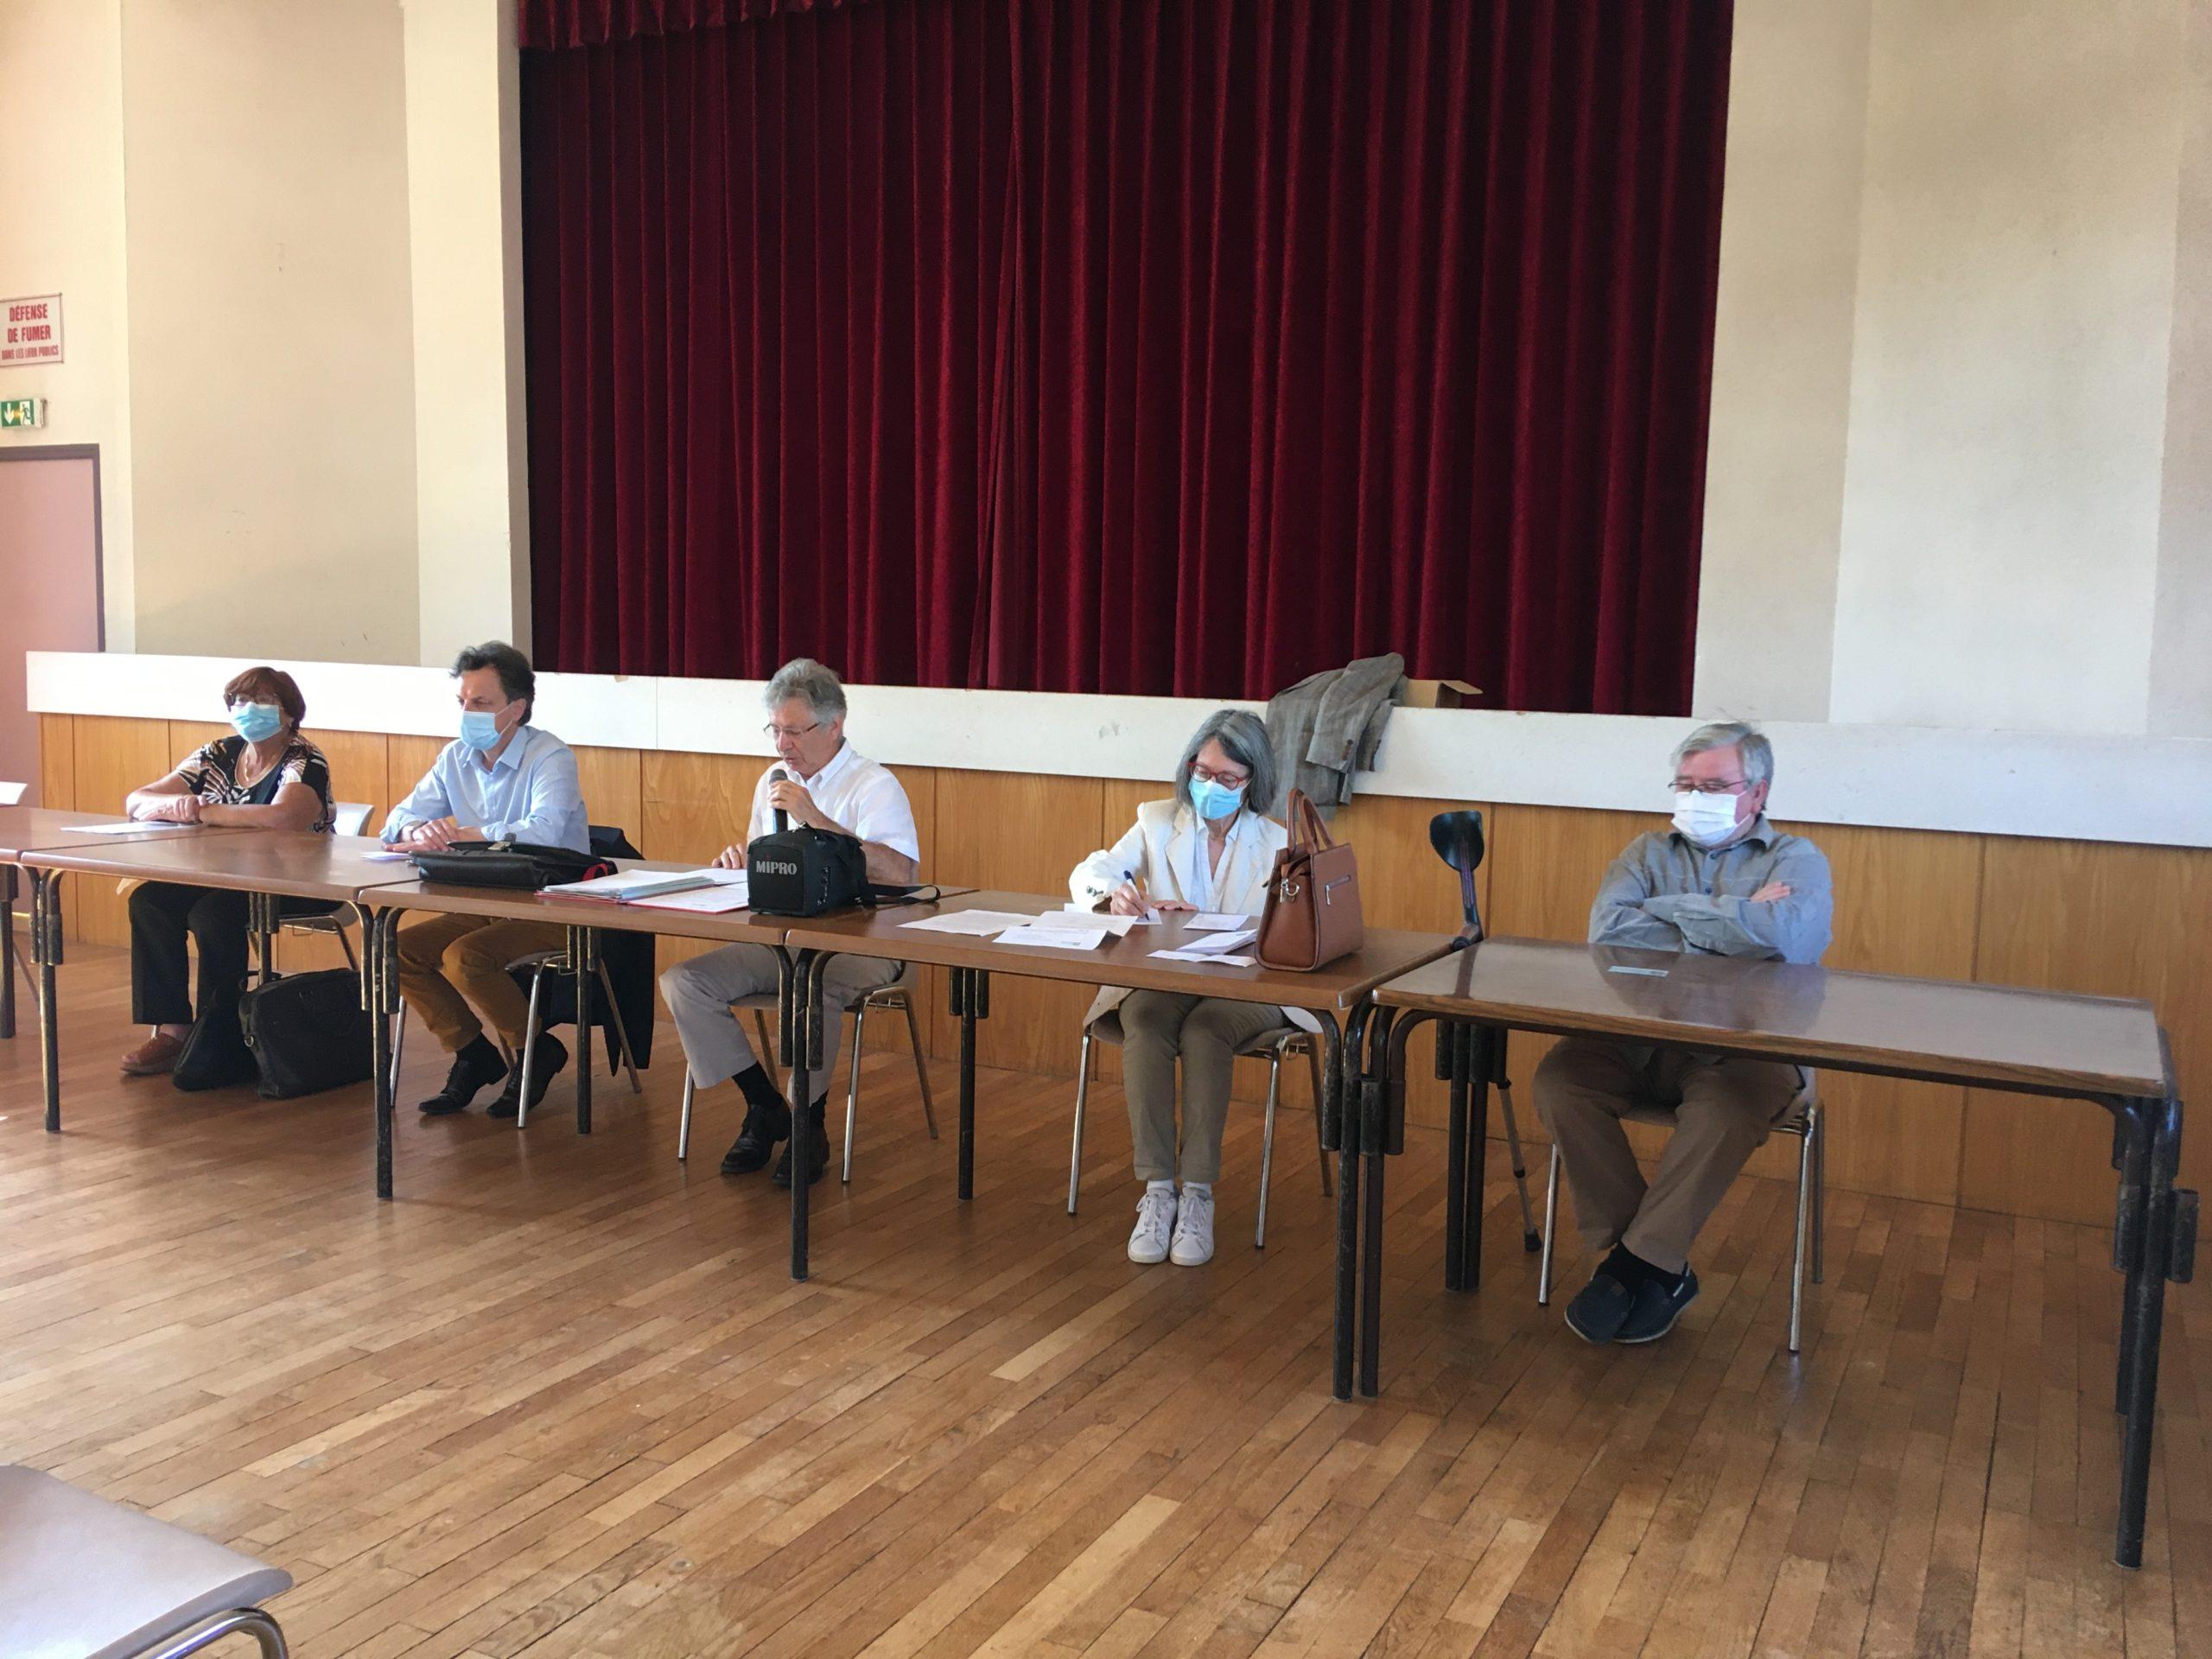 Le bureau des Amis du Perche d'Eure-et-Loir, Luigny, 13 juin 2021